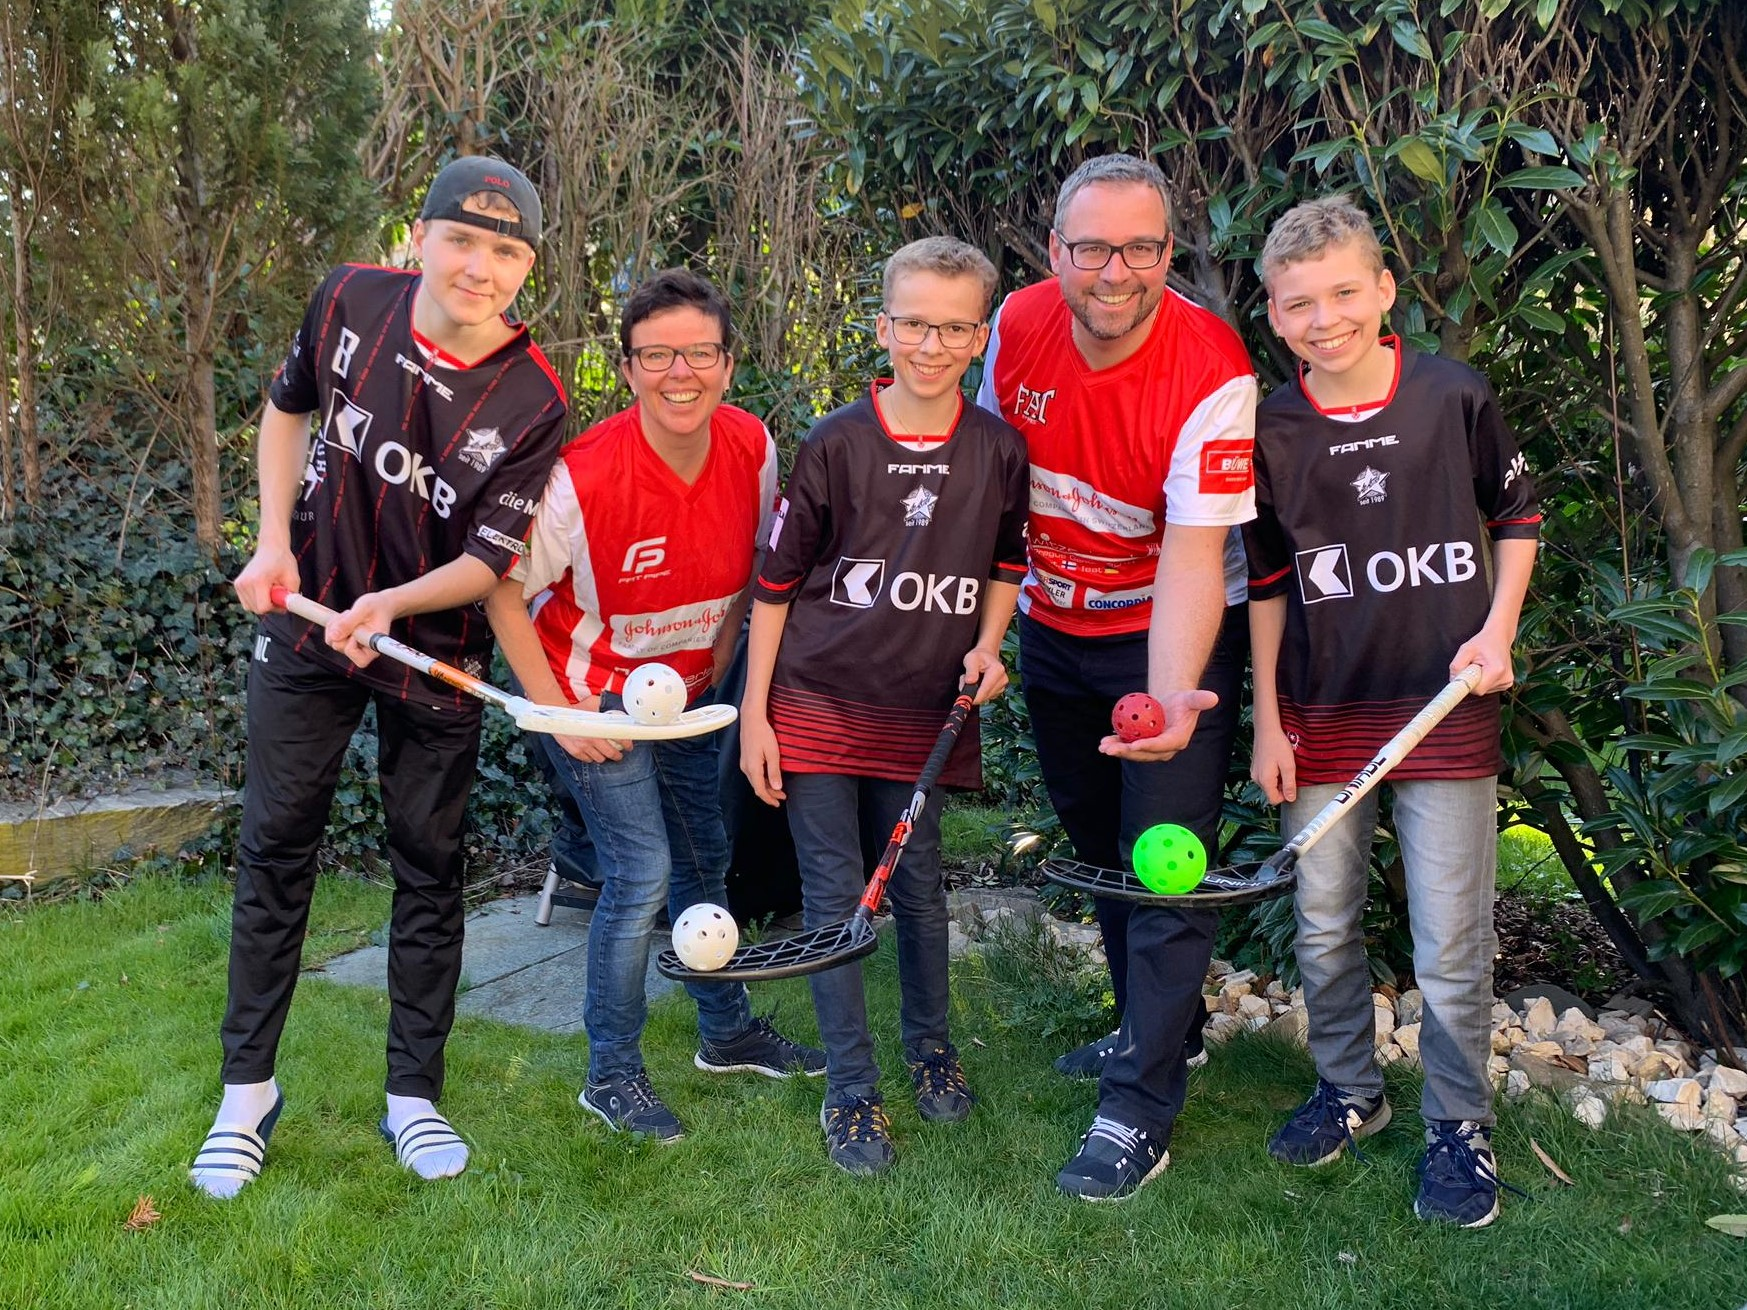 Die Christen, eine Unihockey begeisterte Familie.